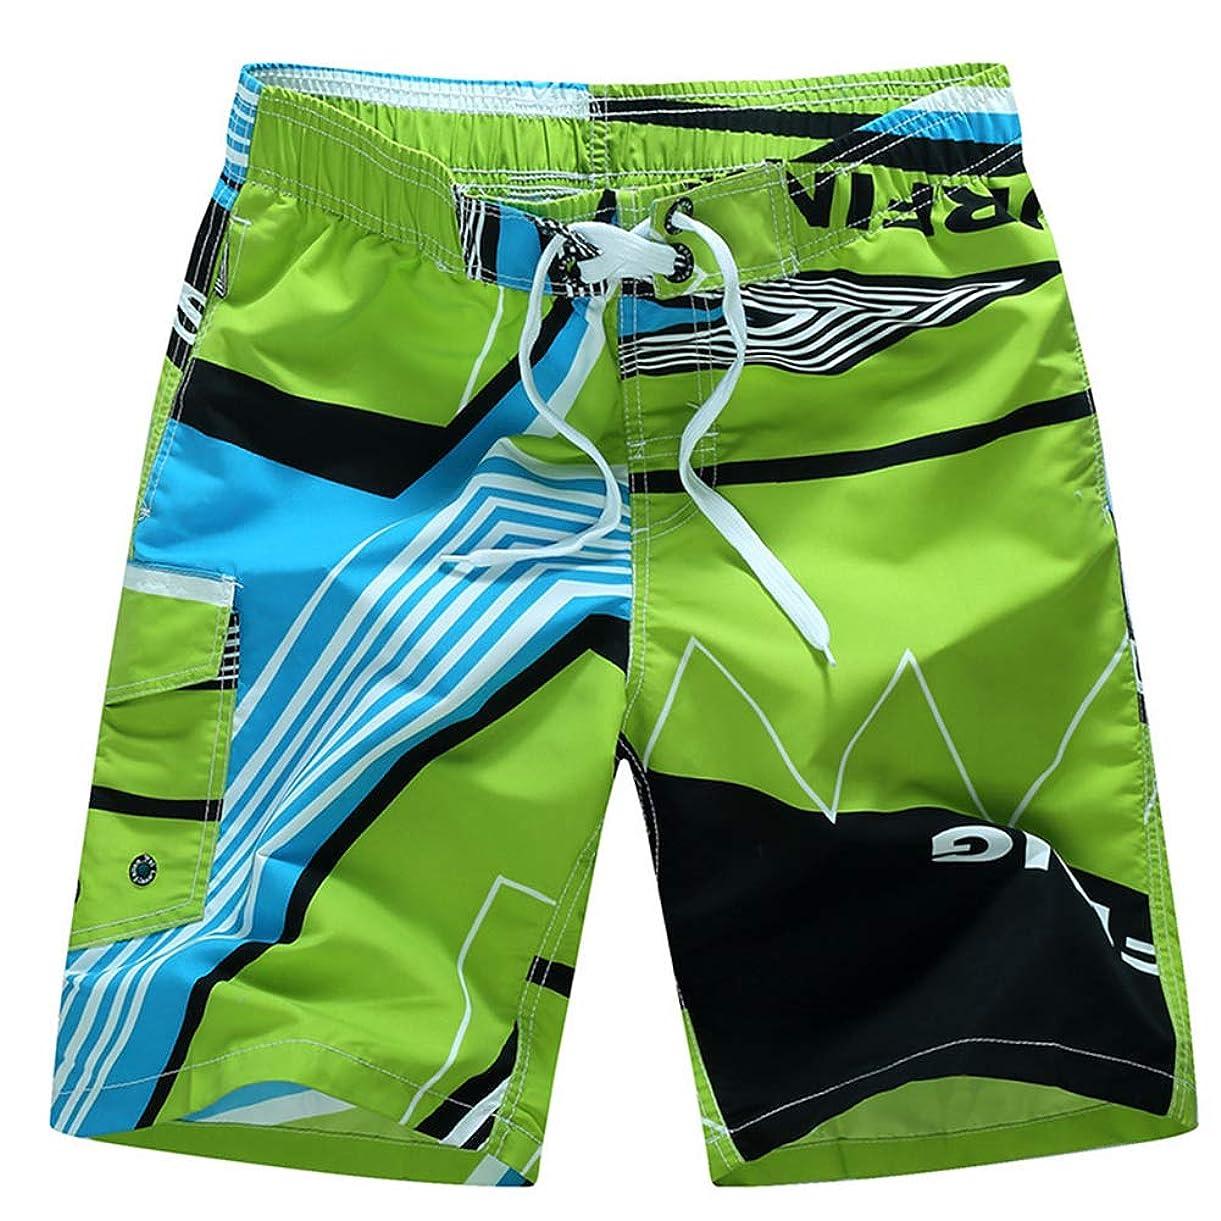 暴露申し立てられたピカリングhamulekfae-メンズプラスサイズサマービーチショーツパンツカラーブロックドローストリング水泳パンツ - イエローXXXXXL